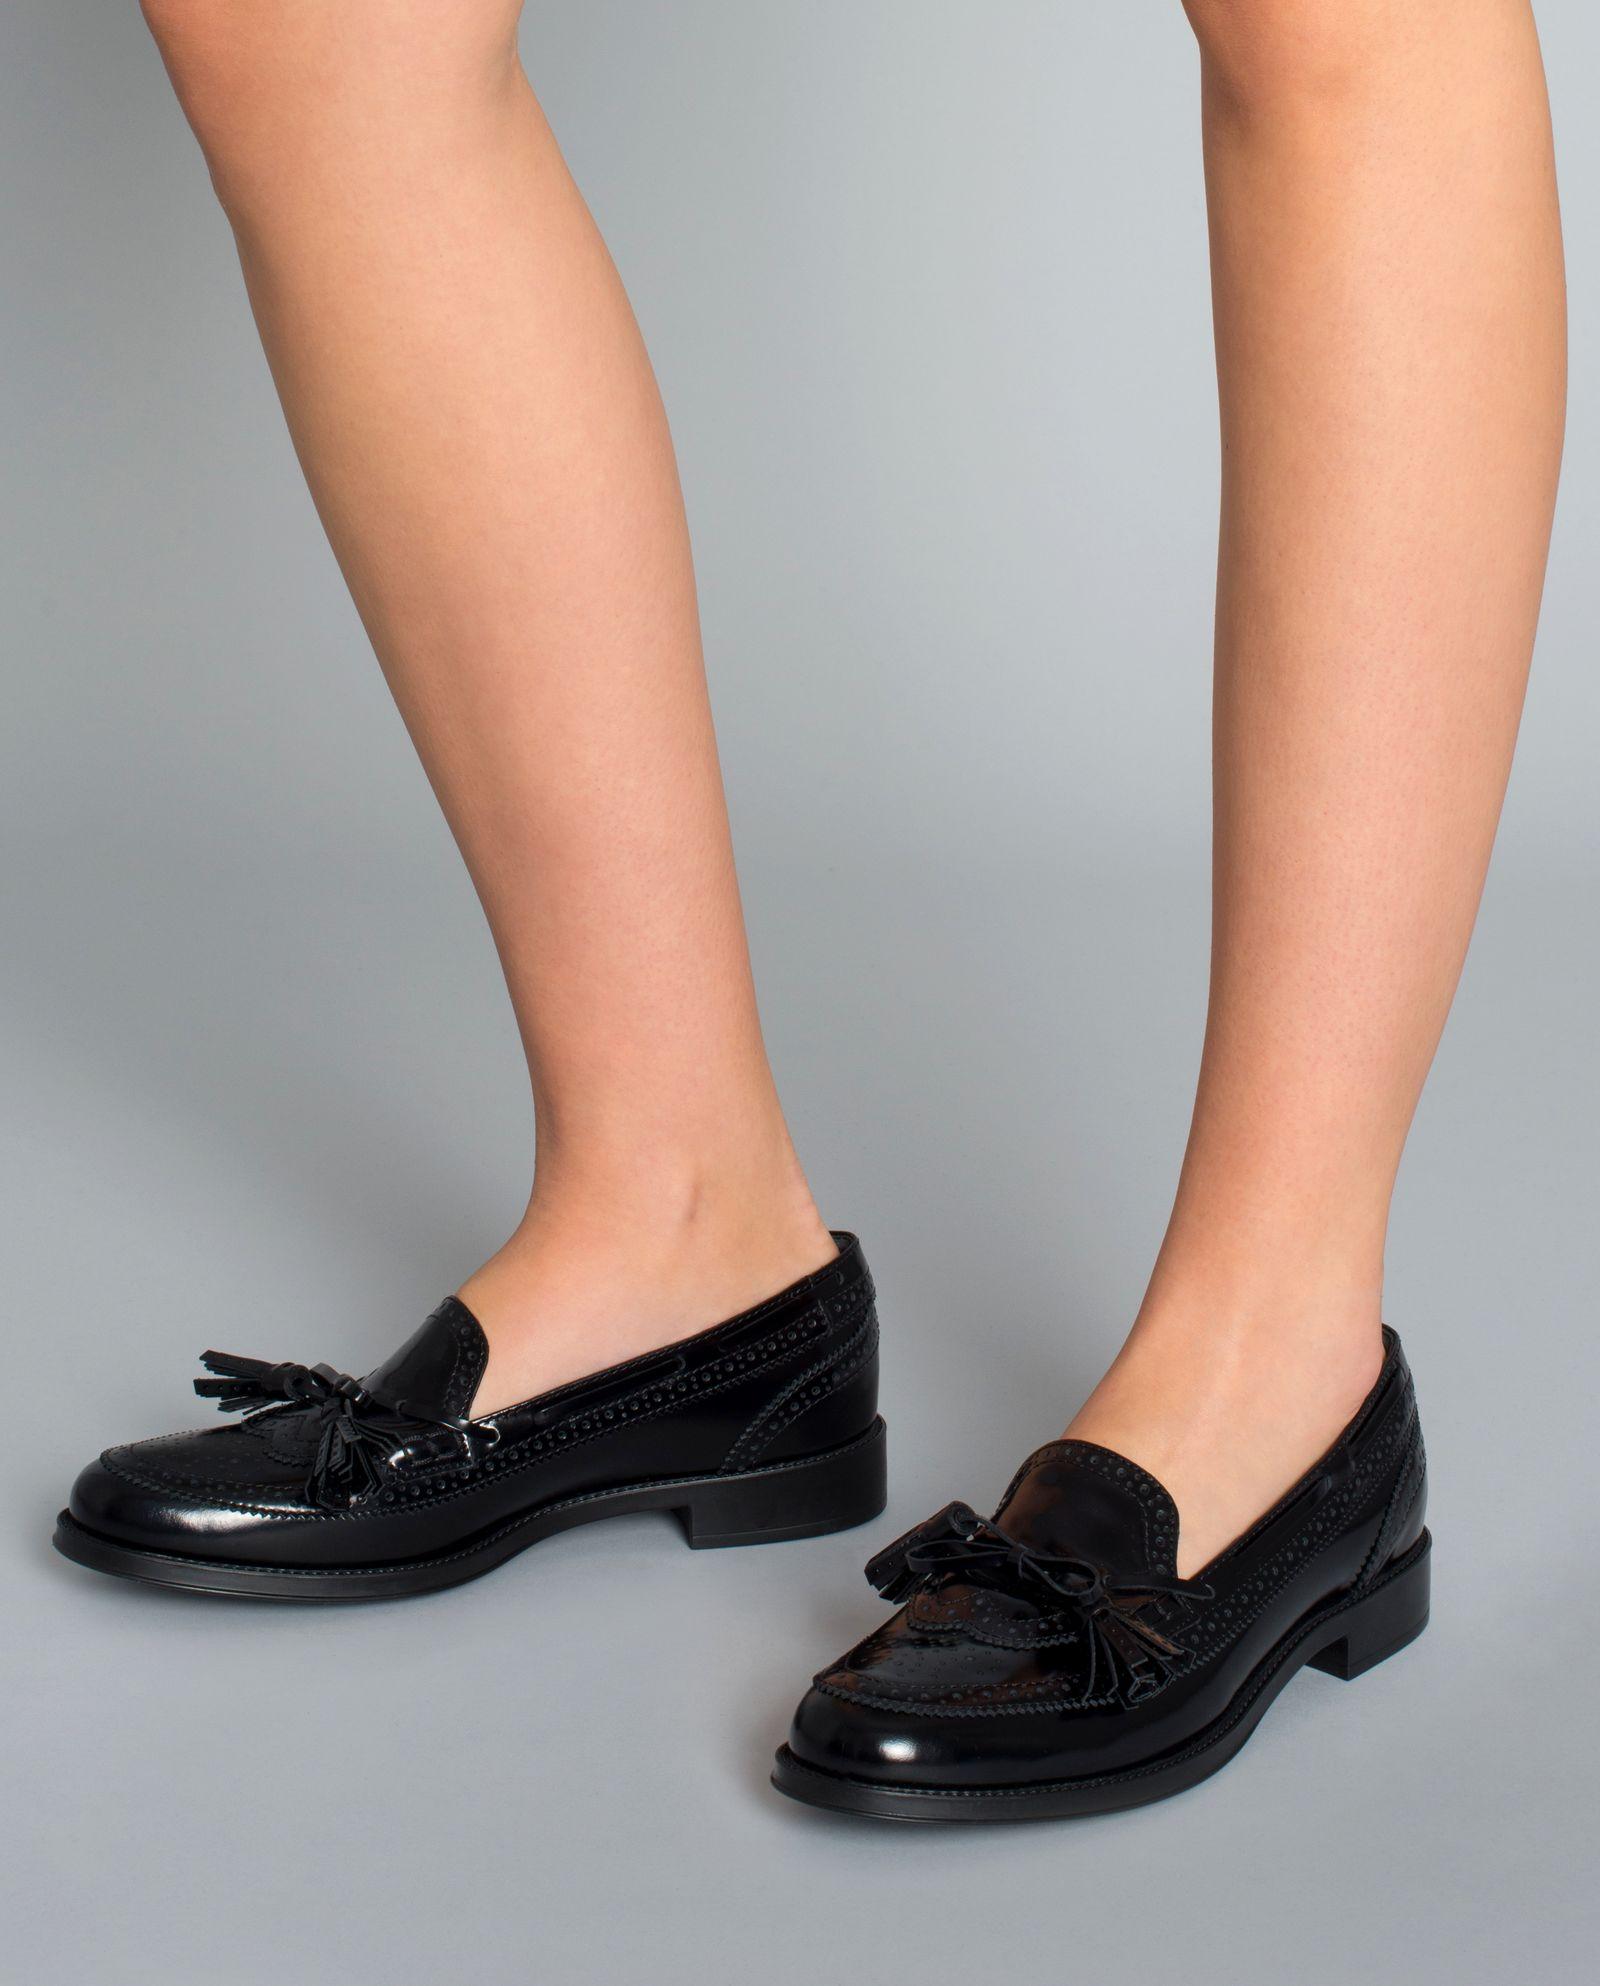 Kožené loafery TOD S – Kup teď! Nejlepší ceny a recenze! Obchod Moliera2.cz. d823597e1c